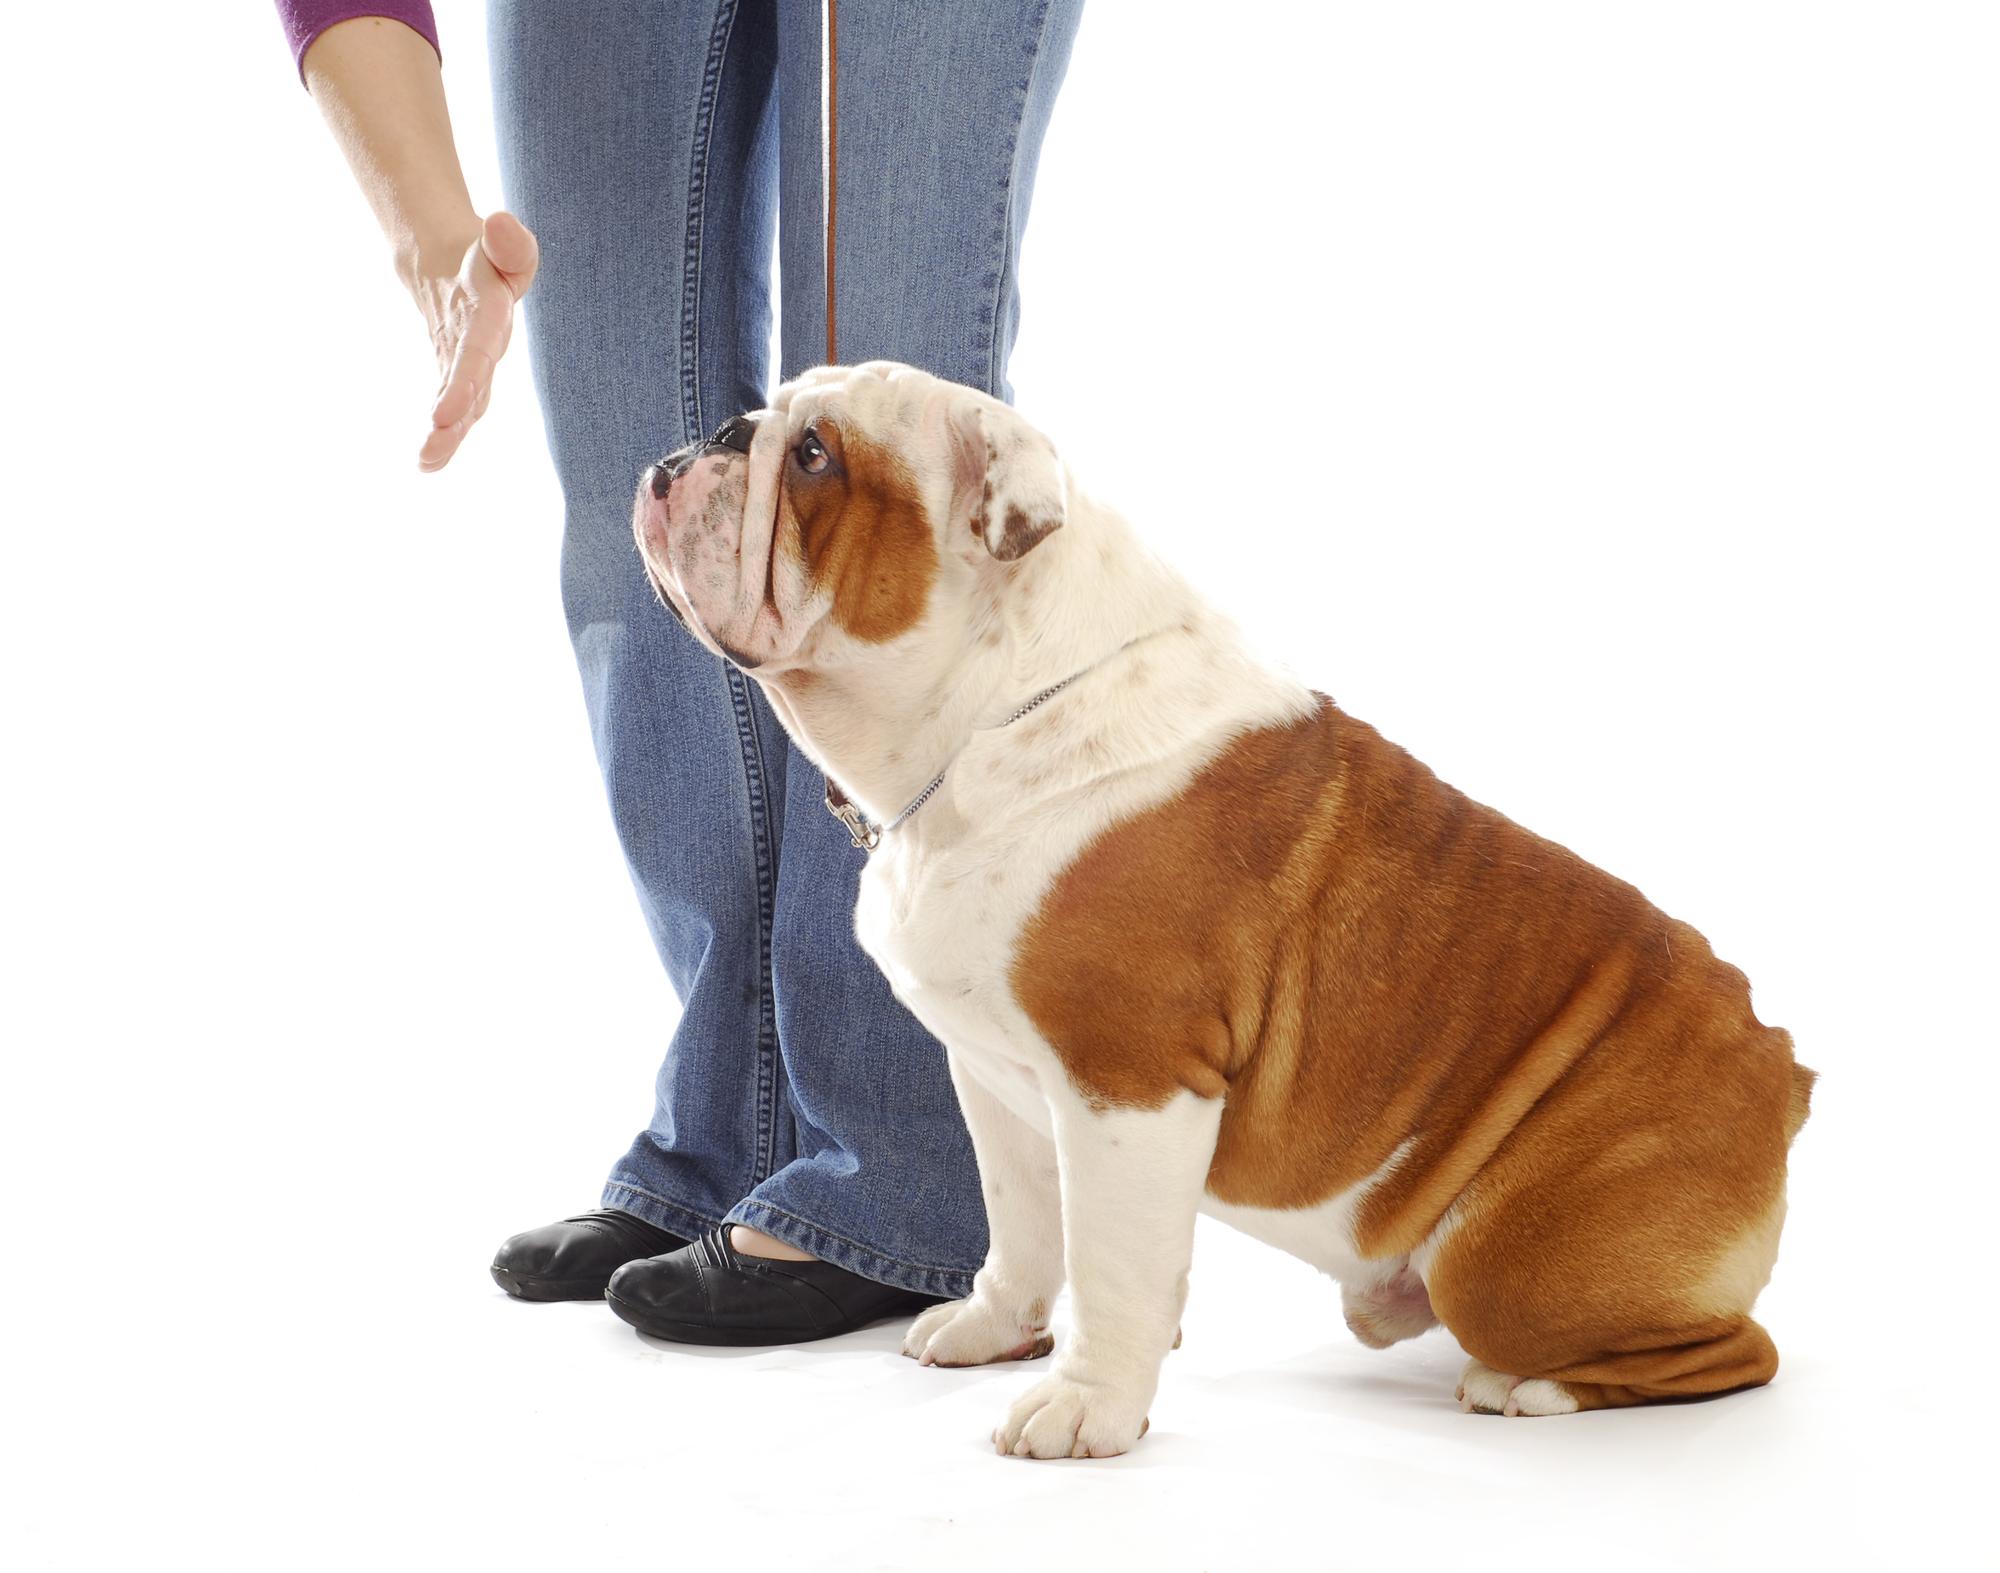 obedience training dog albany ny